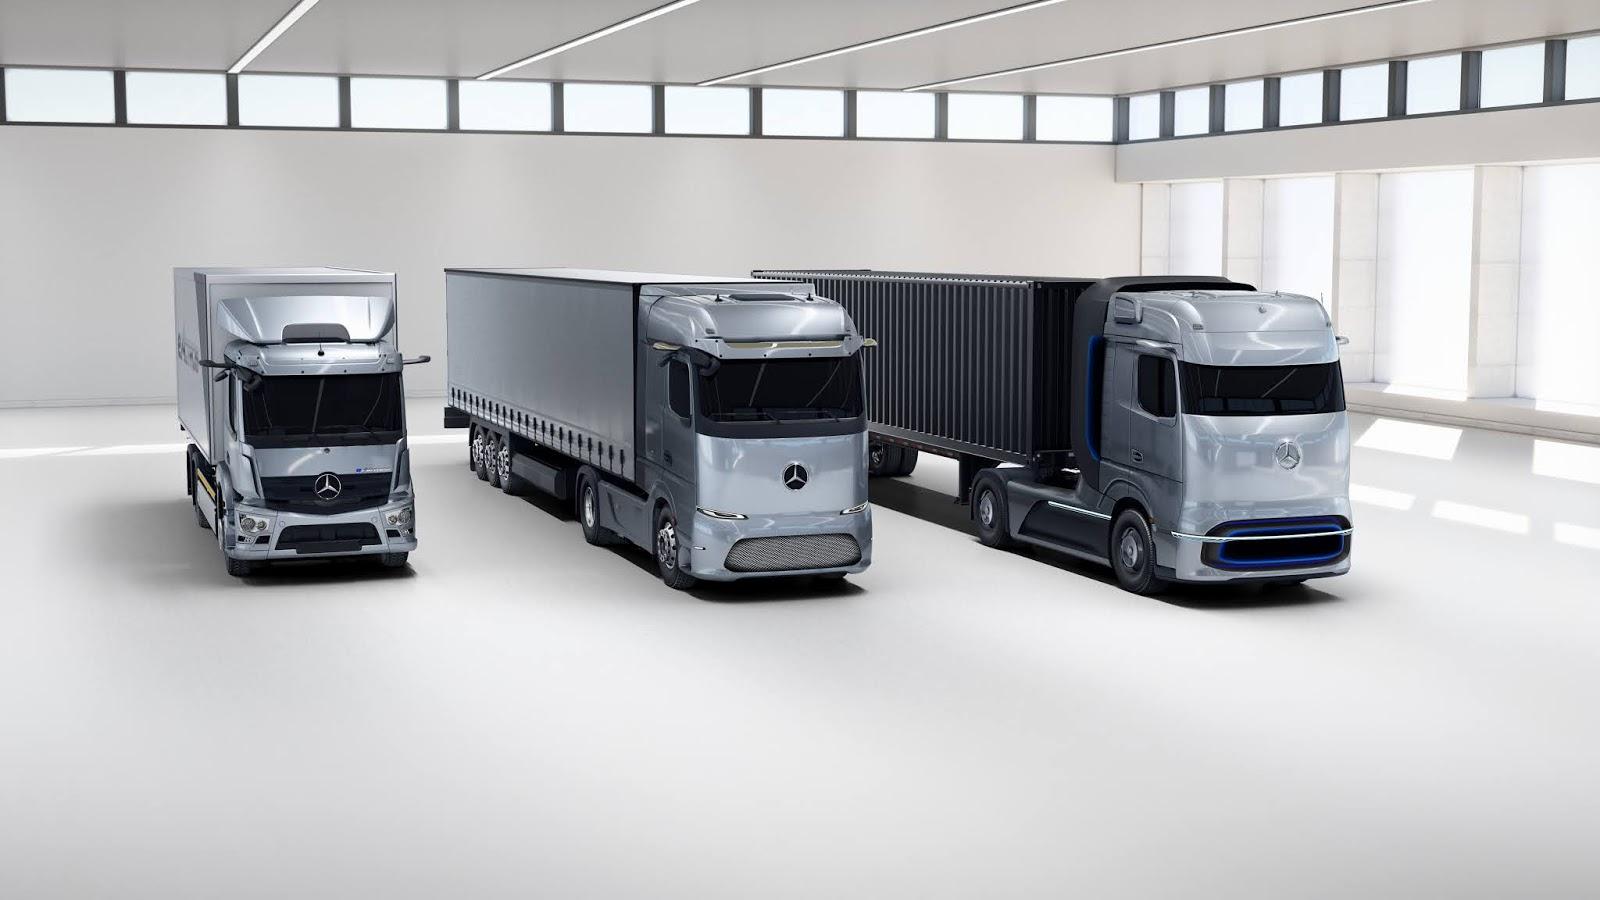 20C0706 06 Οι πρωτοπόροι της ηλεκτροκίνησης: το Mercedes-Benz eActros και το Mercedes-Benz GenH2 Truck κερδίζουν το βραβείο καινοτομίας «Truck Innovation Award 2021» electric trucks, EV, Mercedes, Mercedes Benz, ειδήσεις, Επαγγελματικά, Φορτηγά